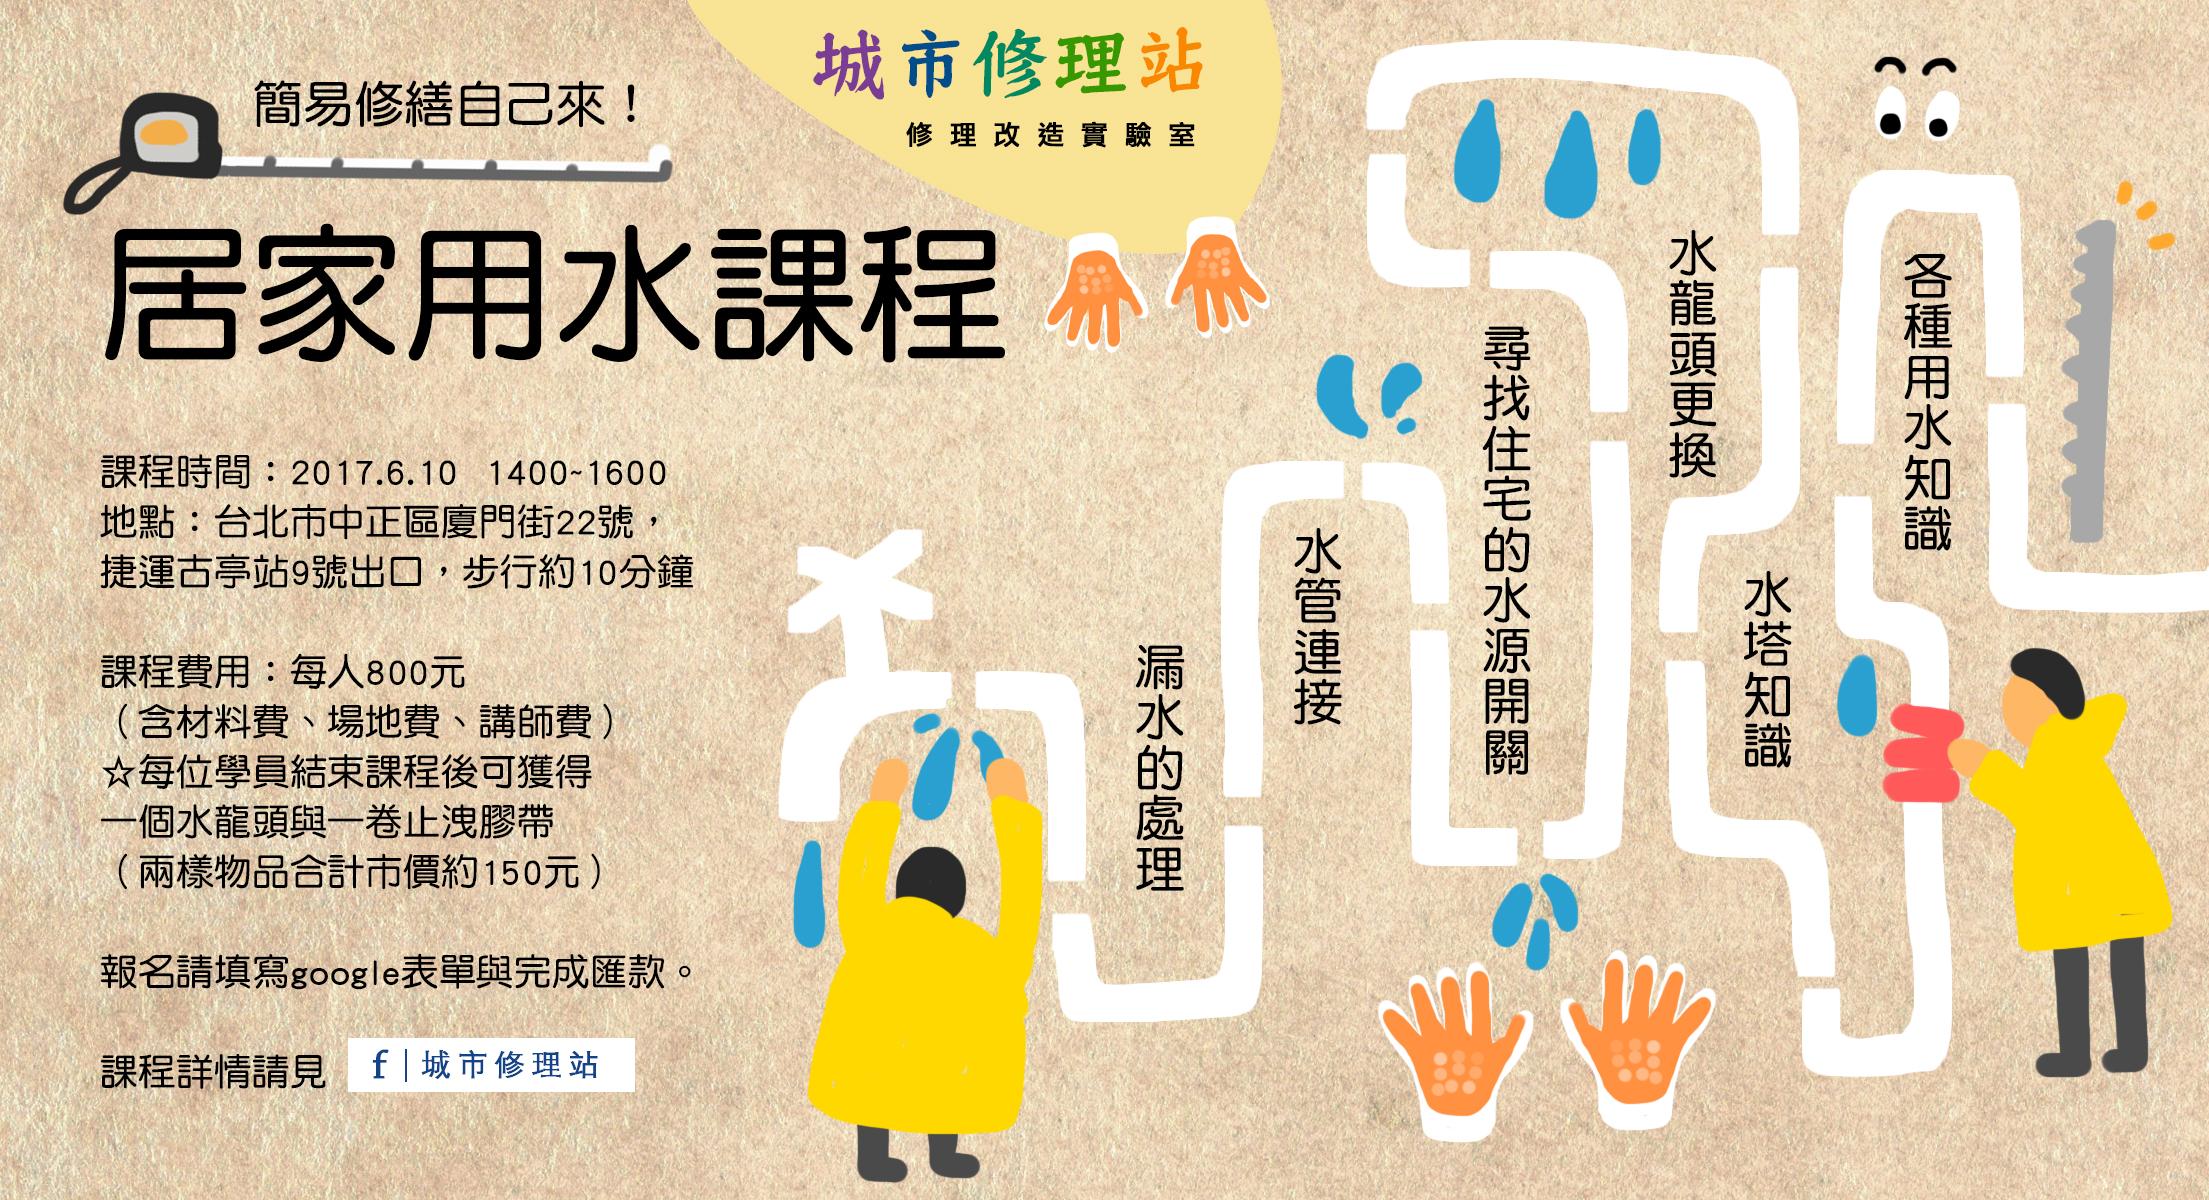 2017 居家用水課程